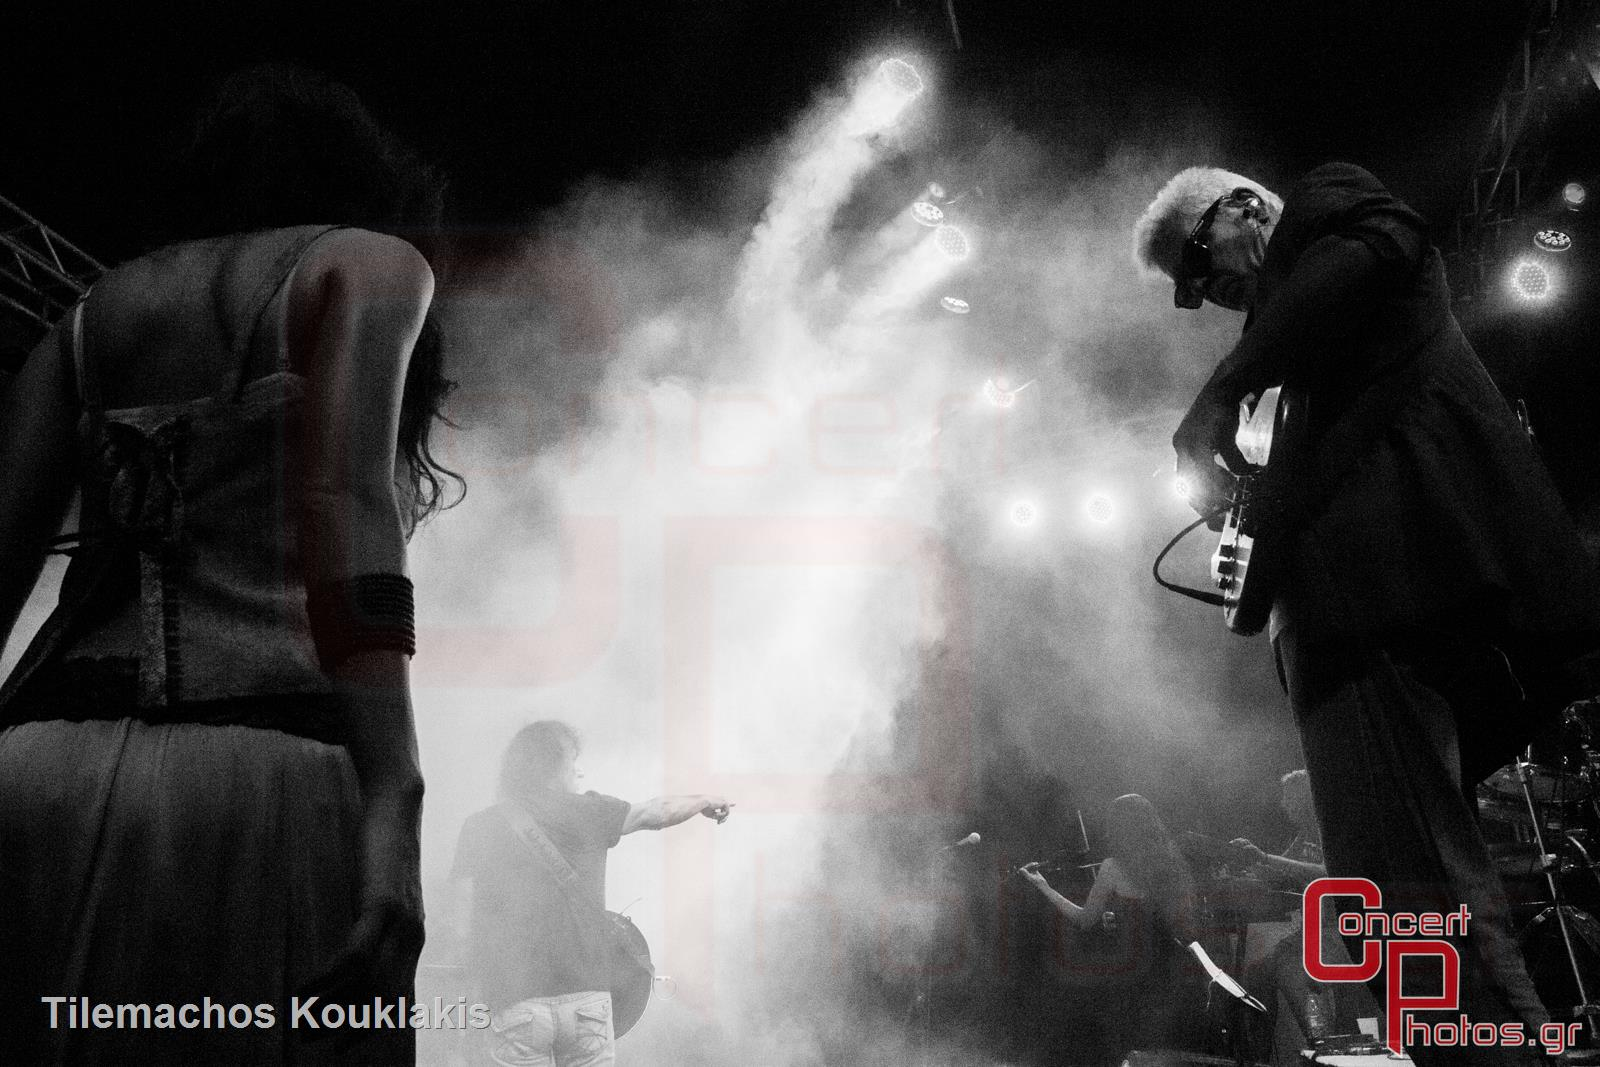 Βασίλης Παπακωνσταντίνου - 40 Χρόνια Έφηβος-Vasilis Papakonstantinou 40 Chronia Efivos photographer: Tilemachos Kouklakis - concertphotos_-4831